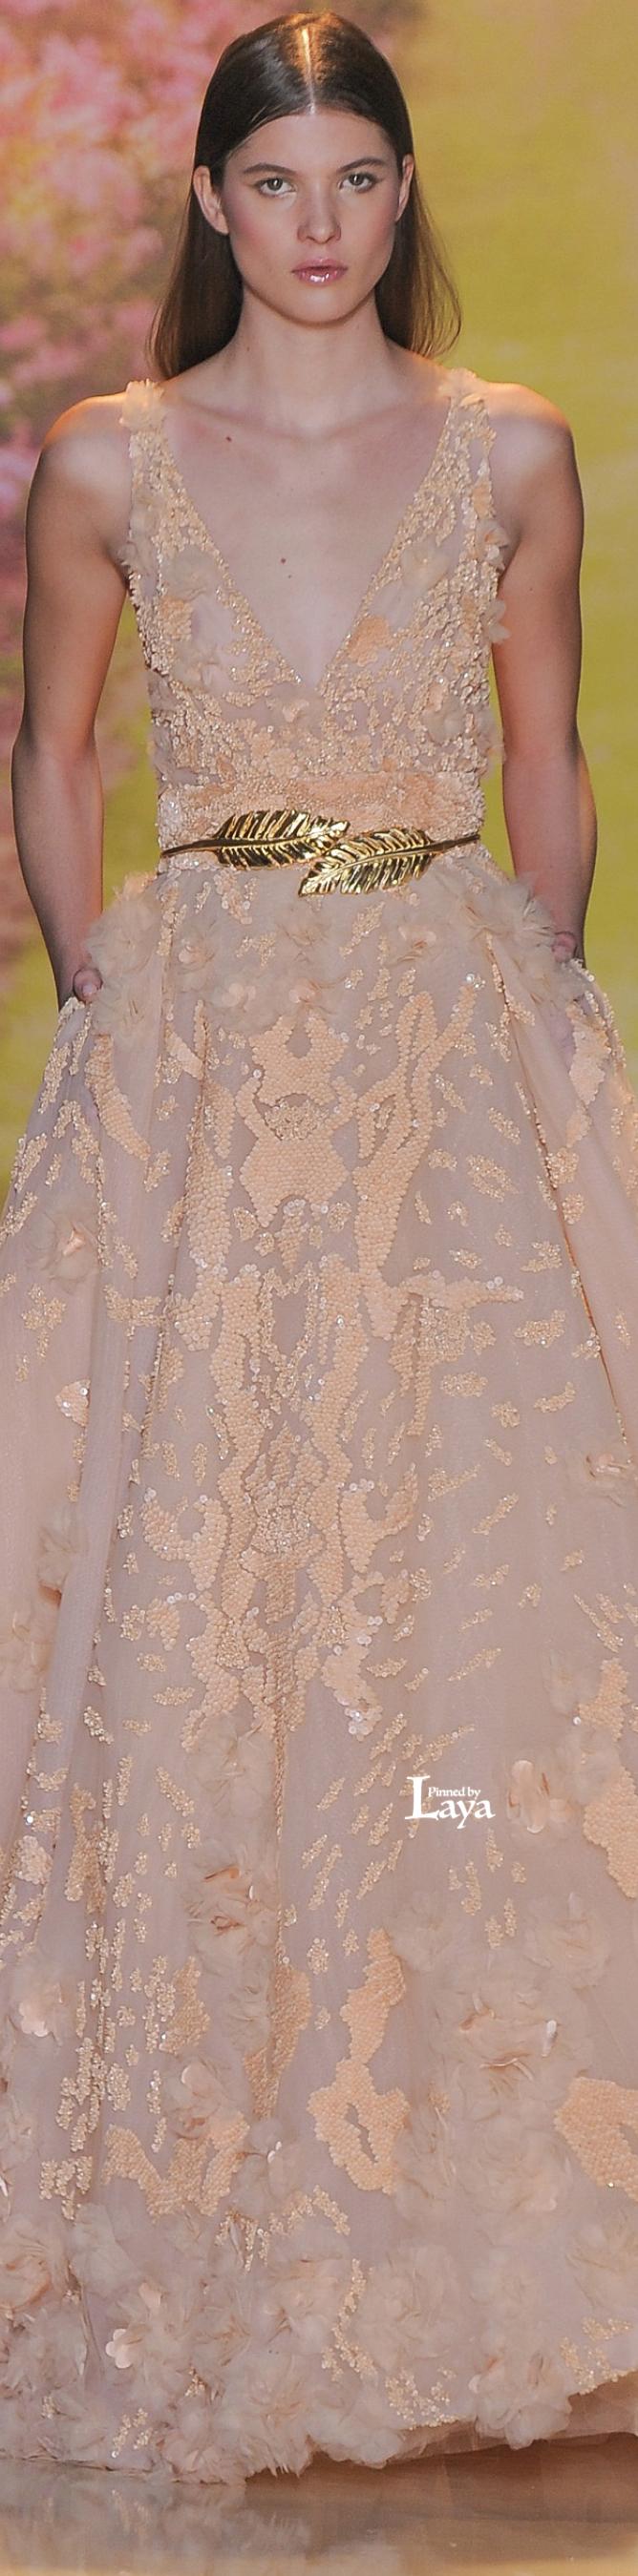 Perfecto Plata Y Oro Vestidos De Dama Friso - Colección de Vestidos ...